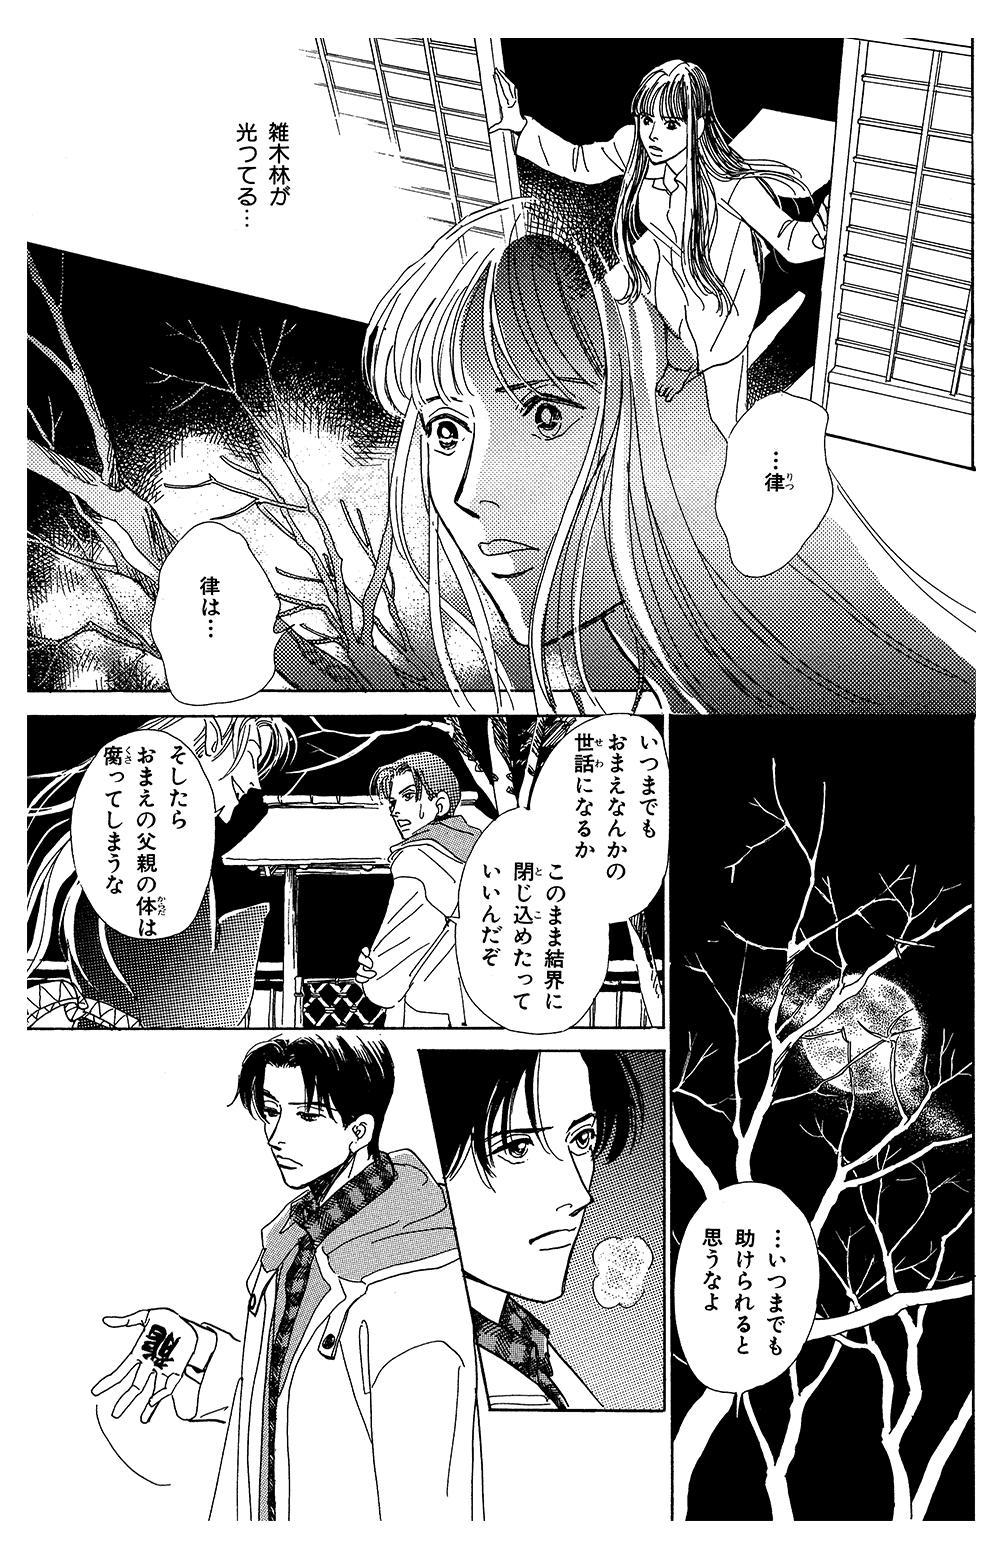 百鬼夜行抄 第1話「闇からの呼び声」⑤hyakki1-5-12.jpg